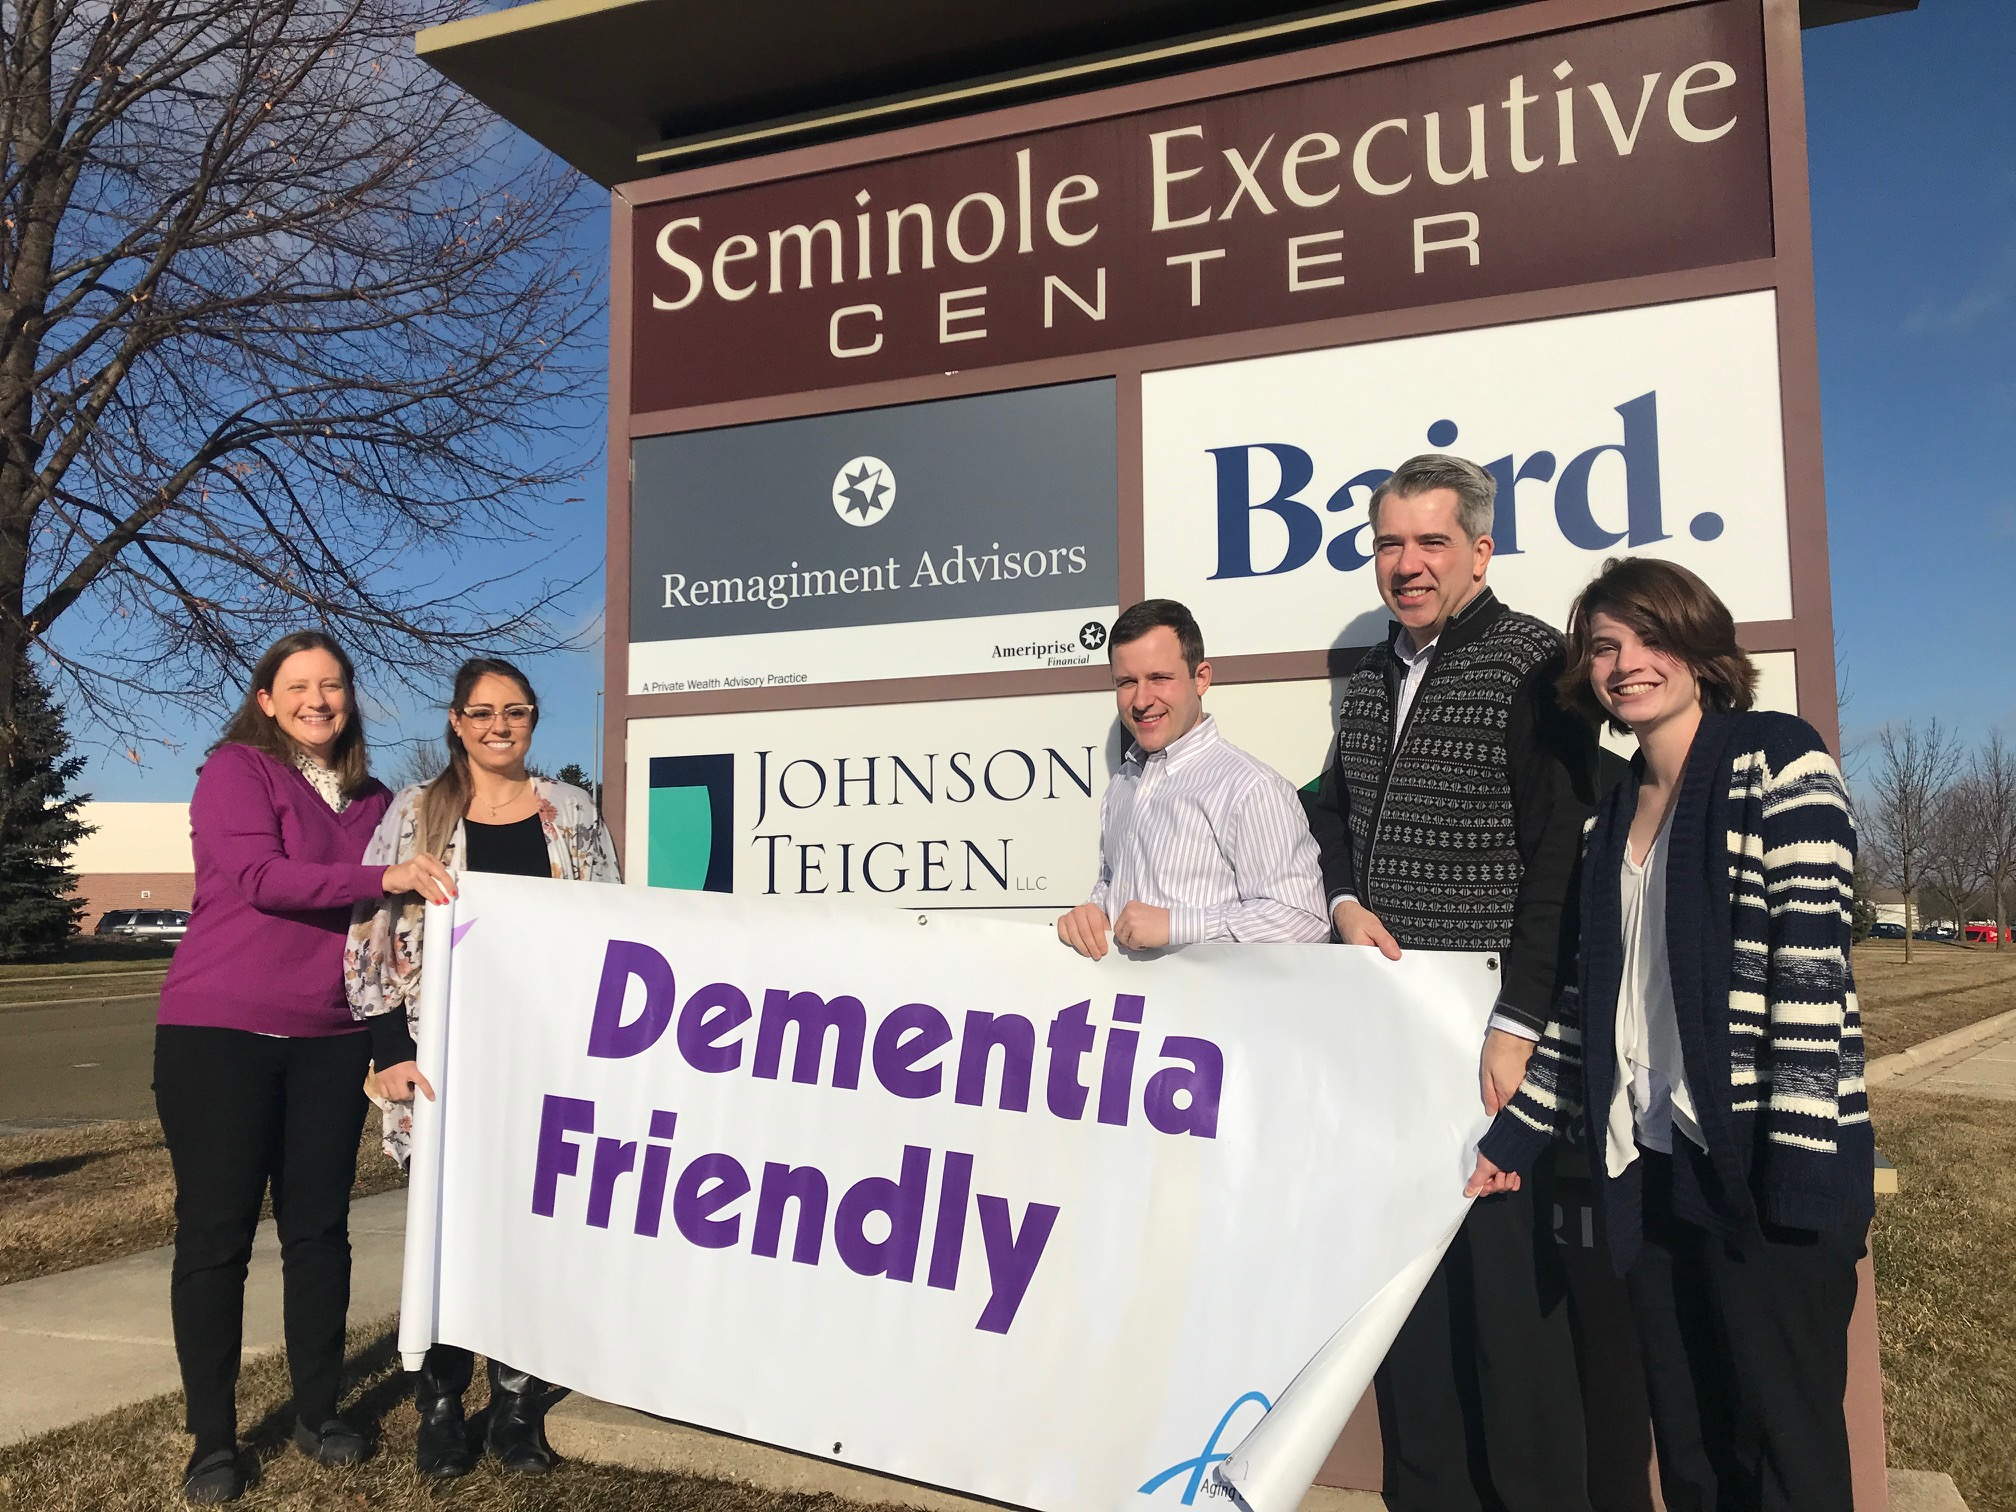 Johnson Teigen Is Dementia Friendly